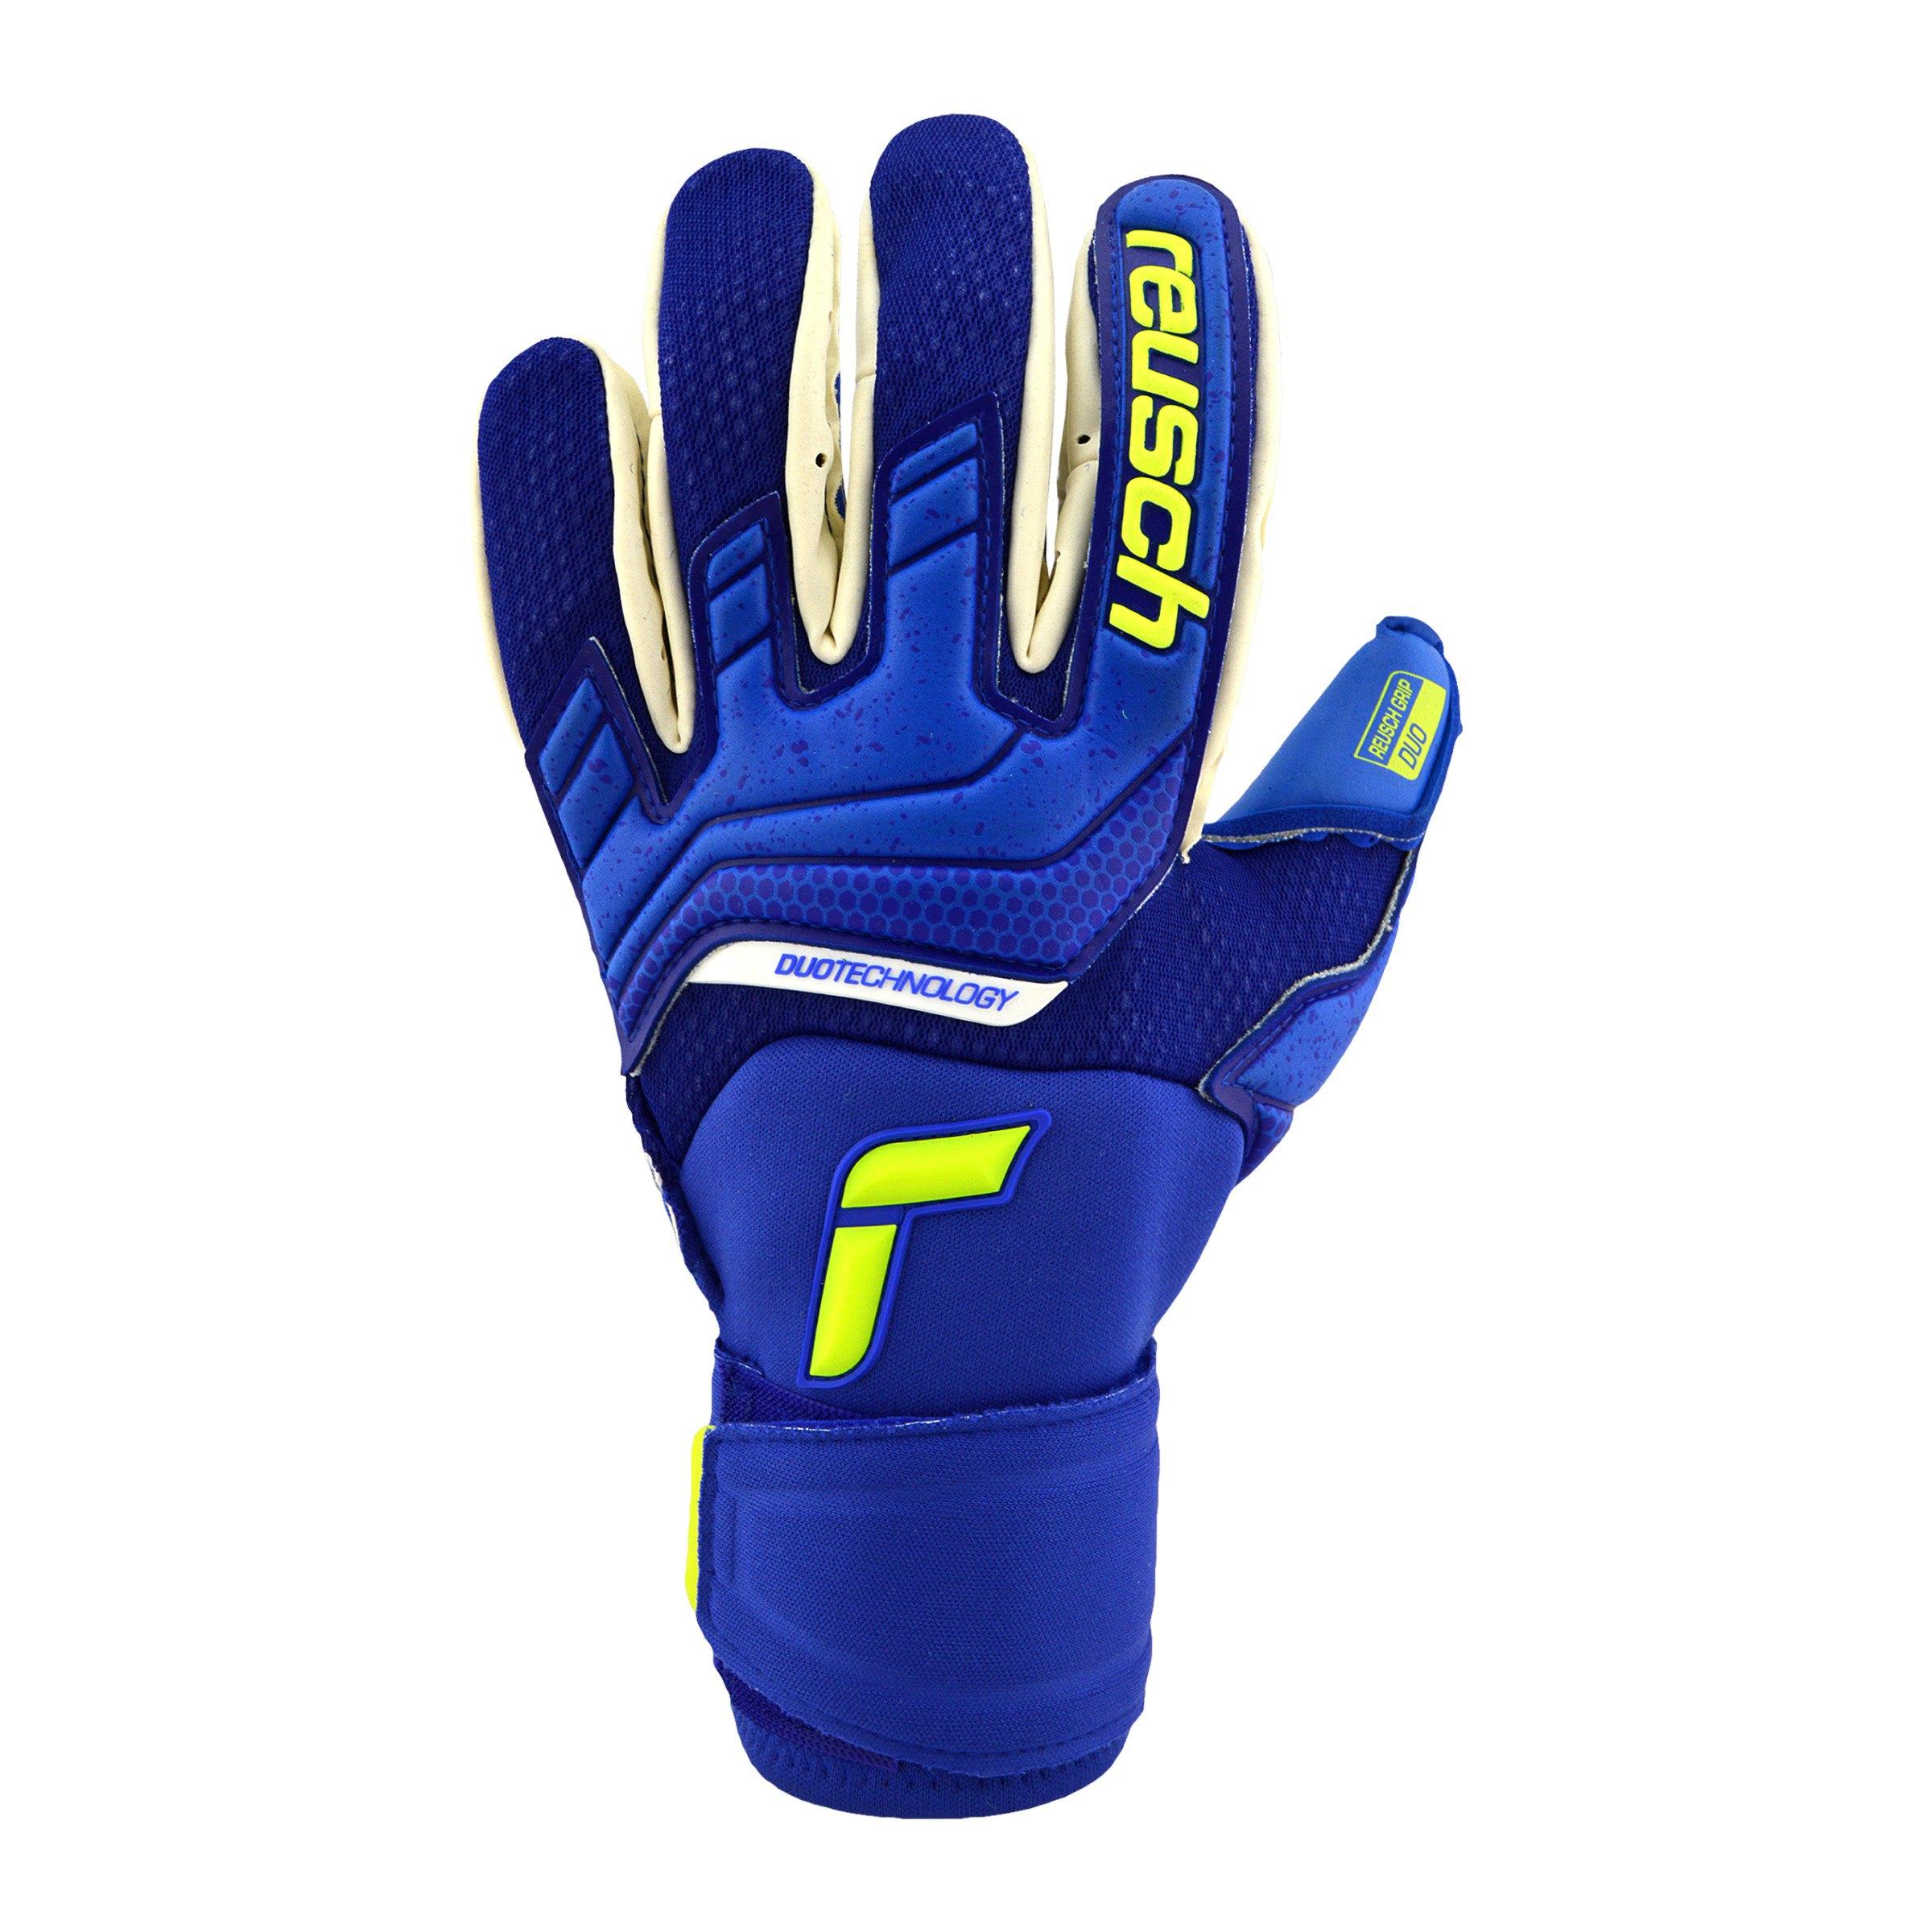 Reusch Attrakt Duo TW-Handschuh Blau F4949 - gelb